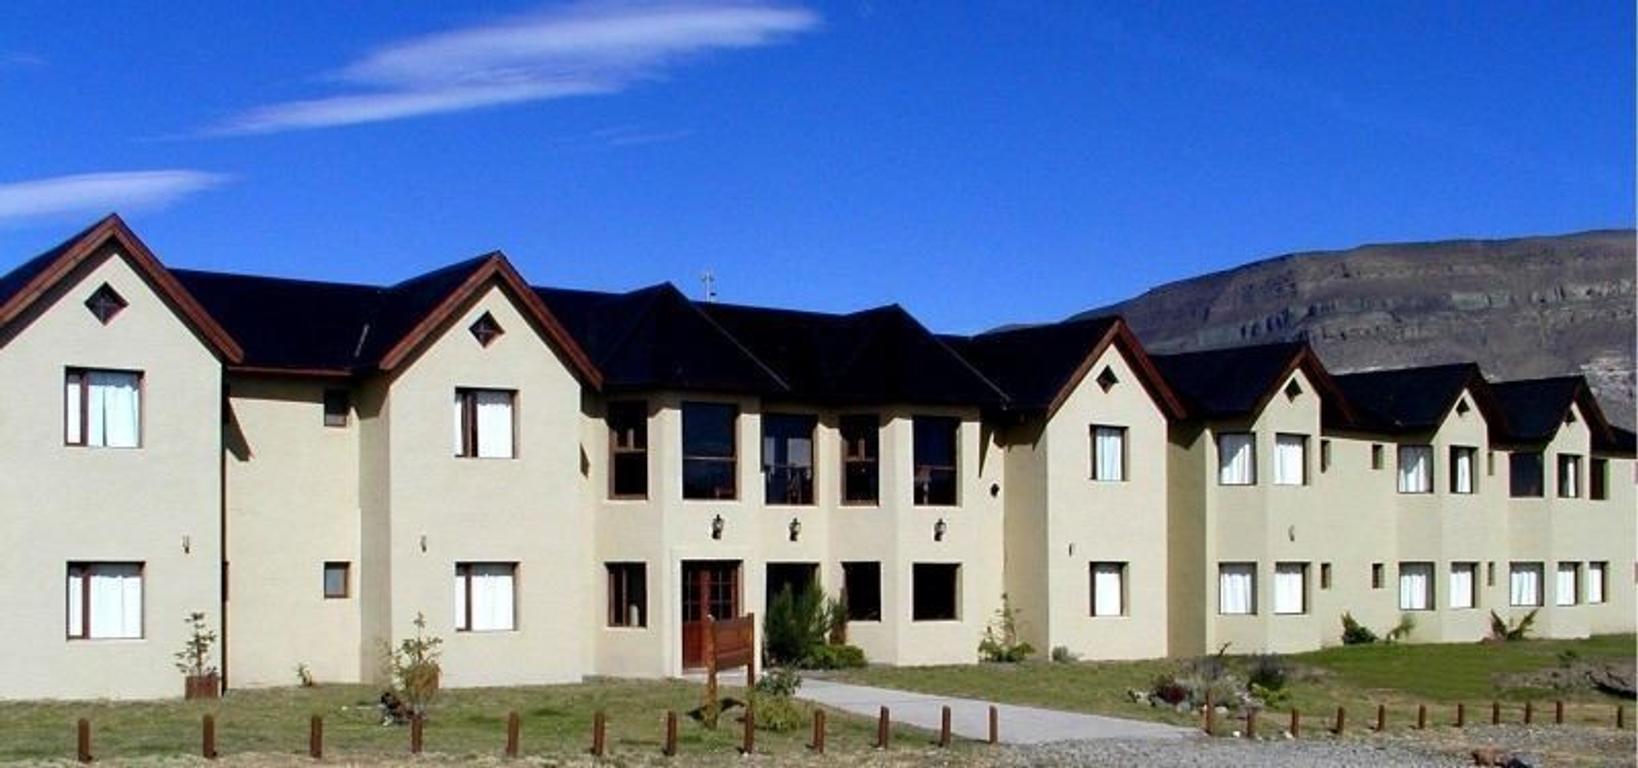 Hotel en venta - El Calafate - 3 estrellas - 24 habitaciones